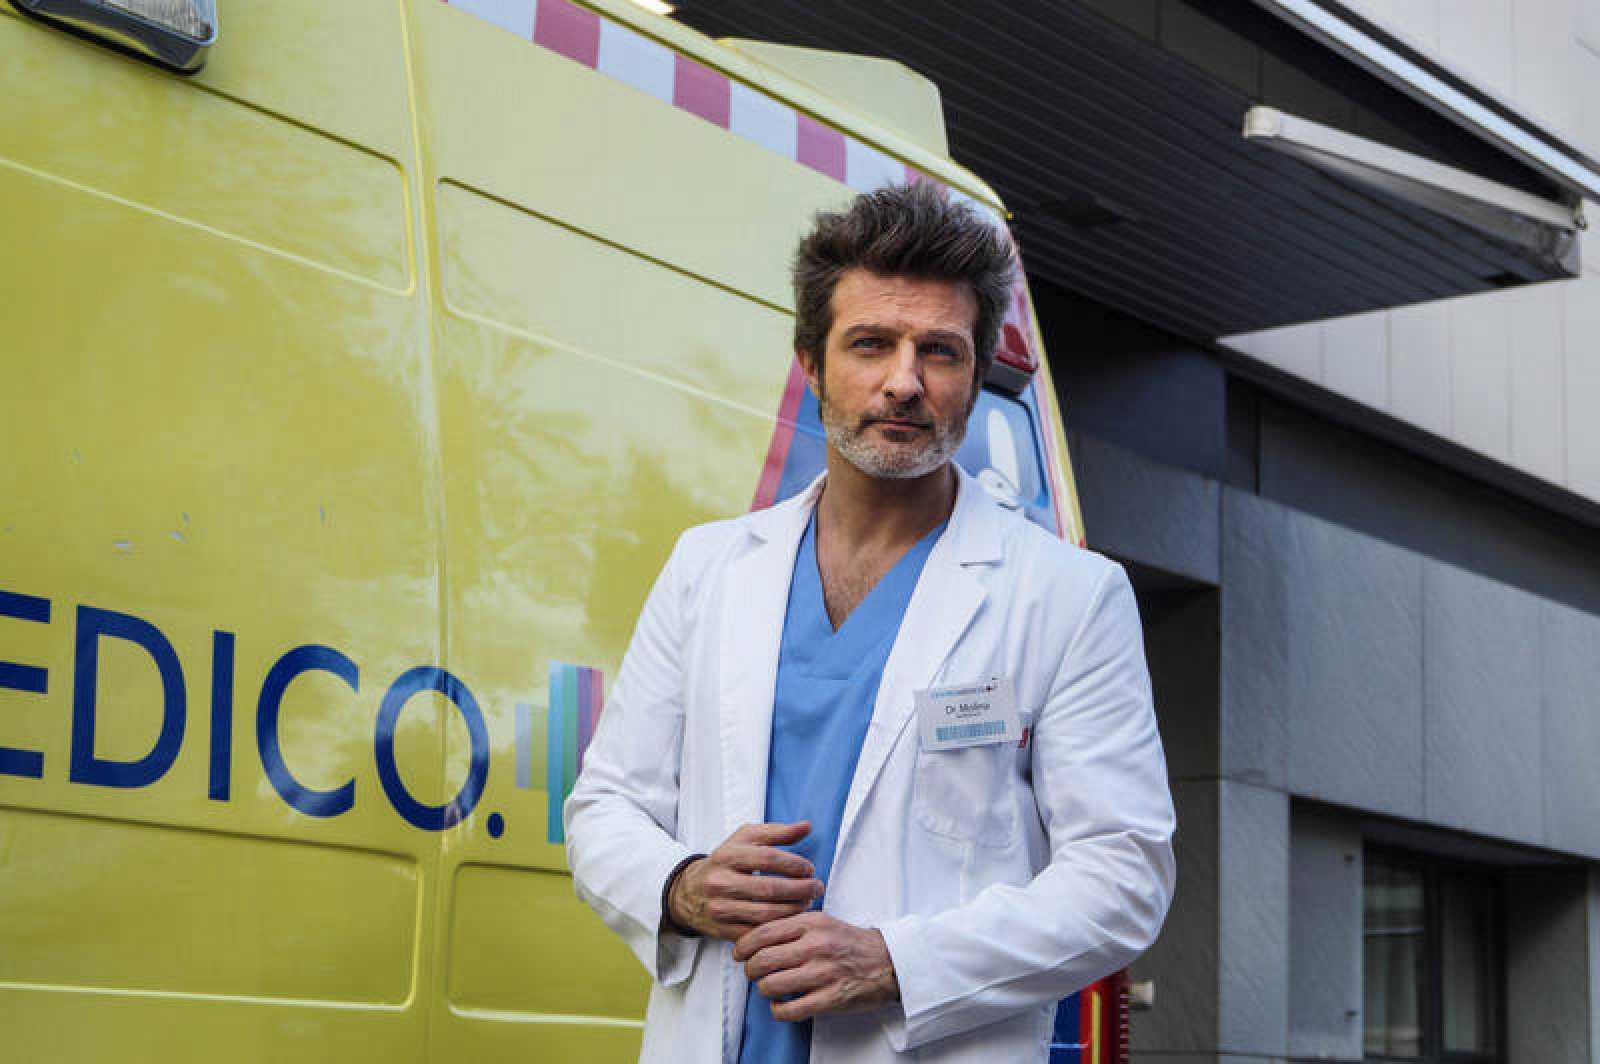 neurólogo atractivo y ambicioso que chocará con la doctora Romero